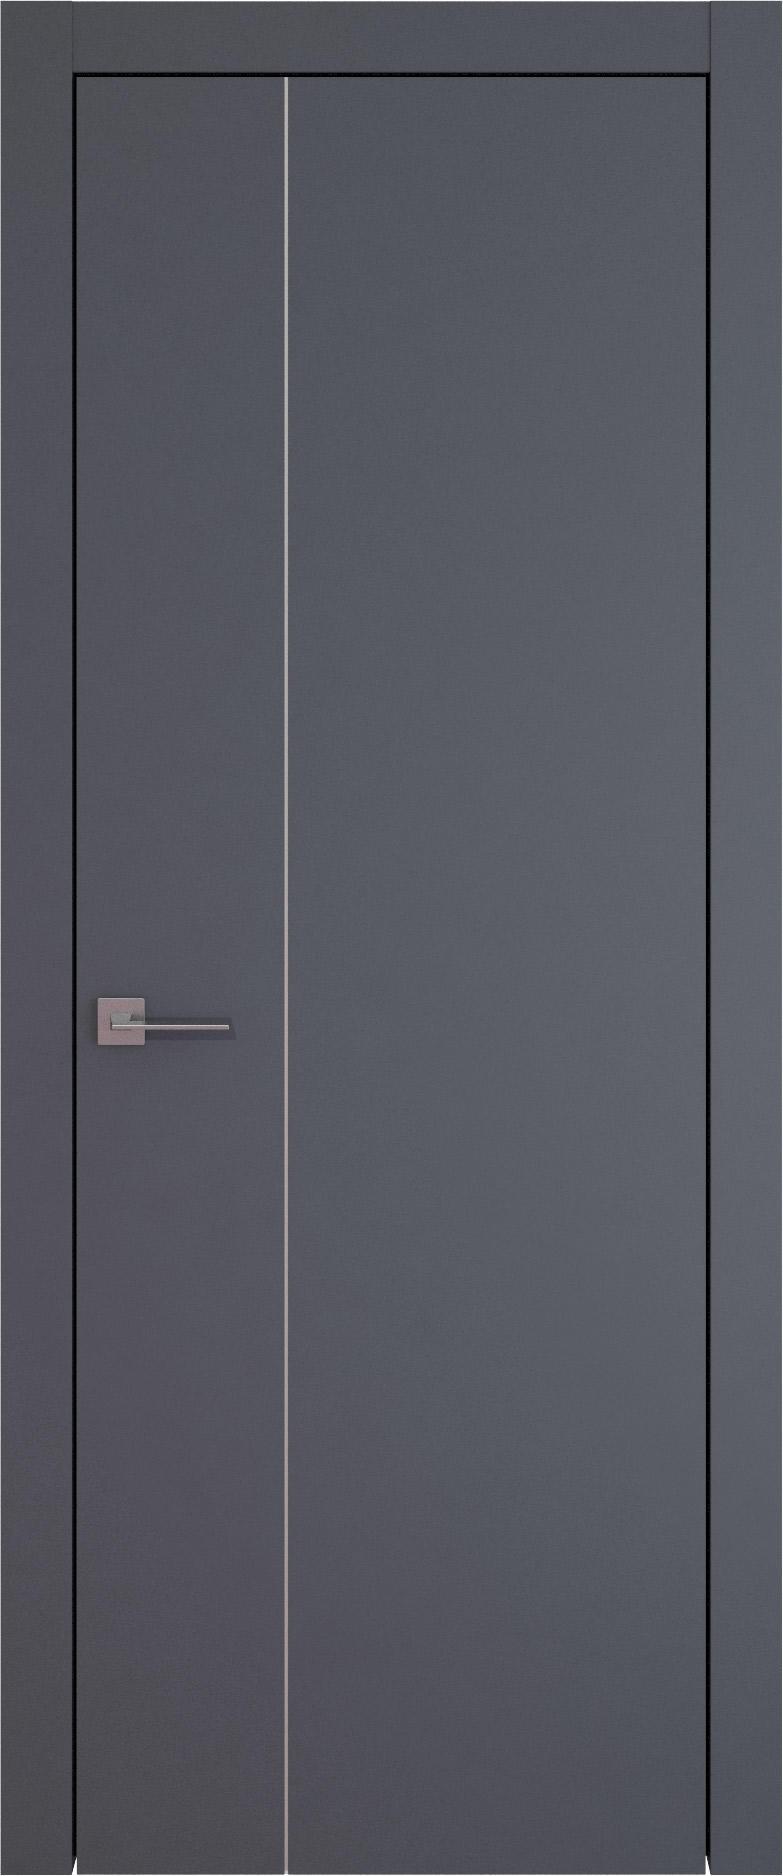 Tivoli В-1 цвет - Графитово-серая эмаль (RAL 7024) Без стекла (ДГ)